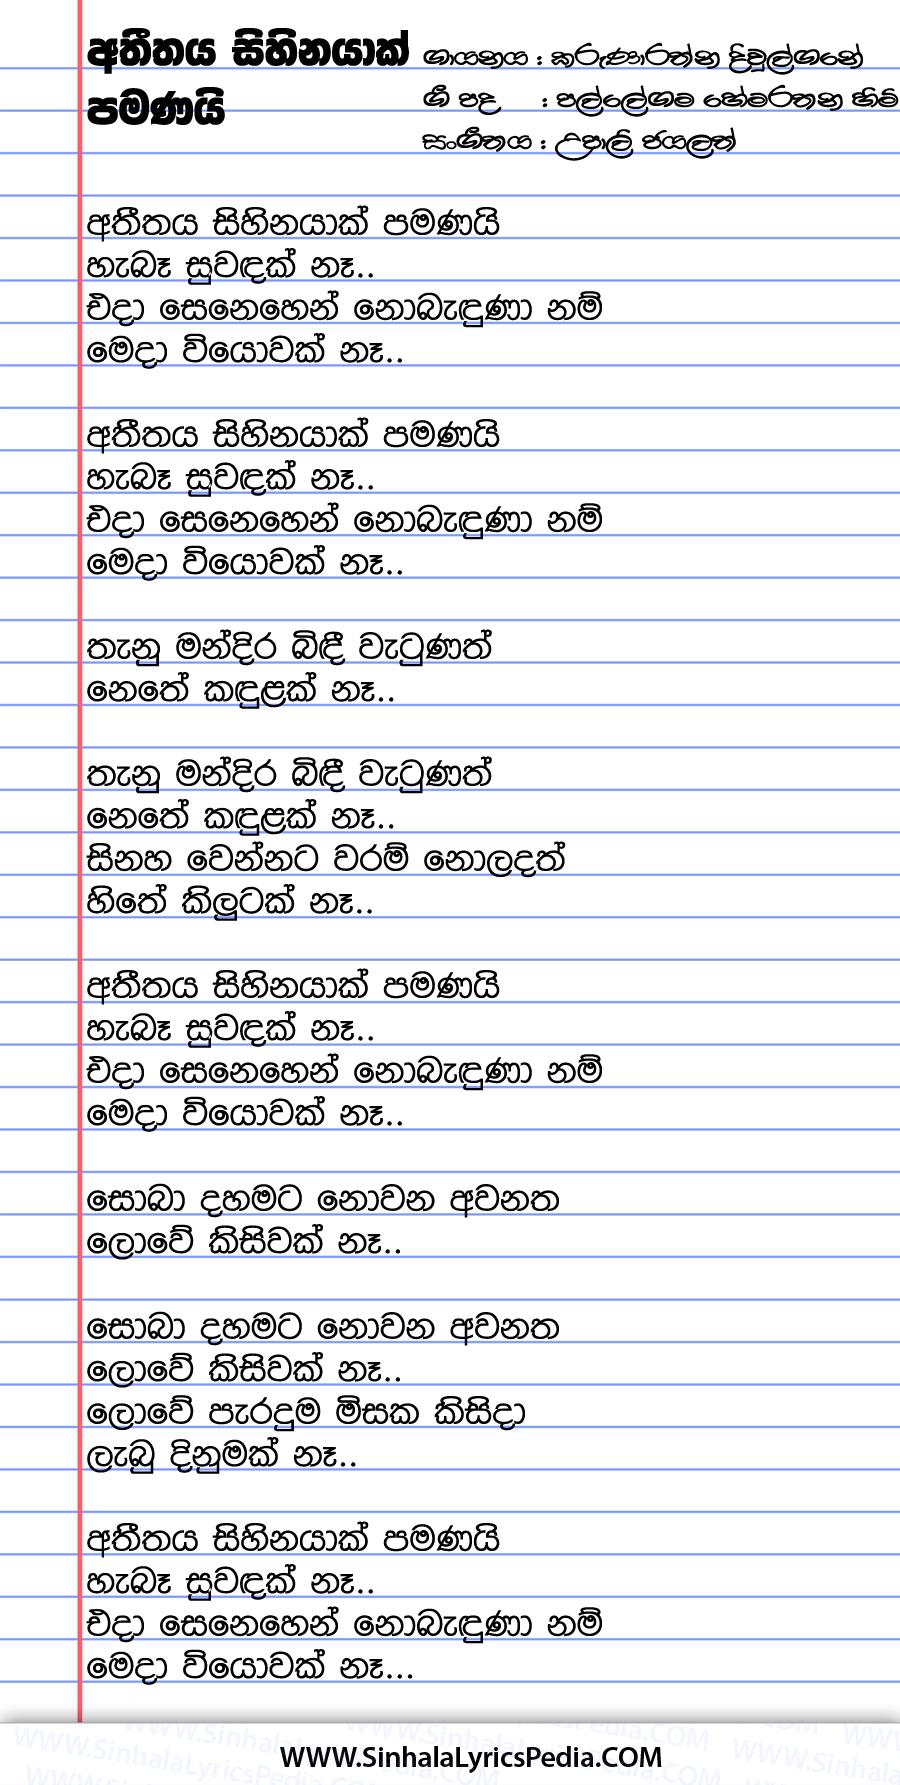 Athithaya Sihinayak Pamanai Song Lyrics